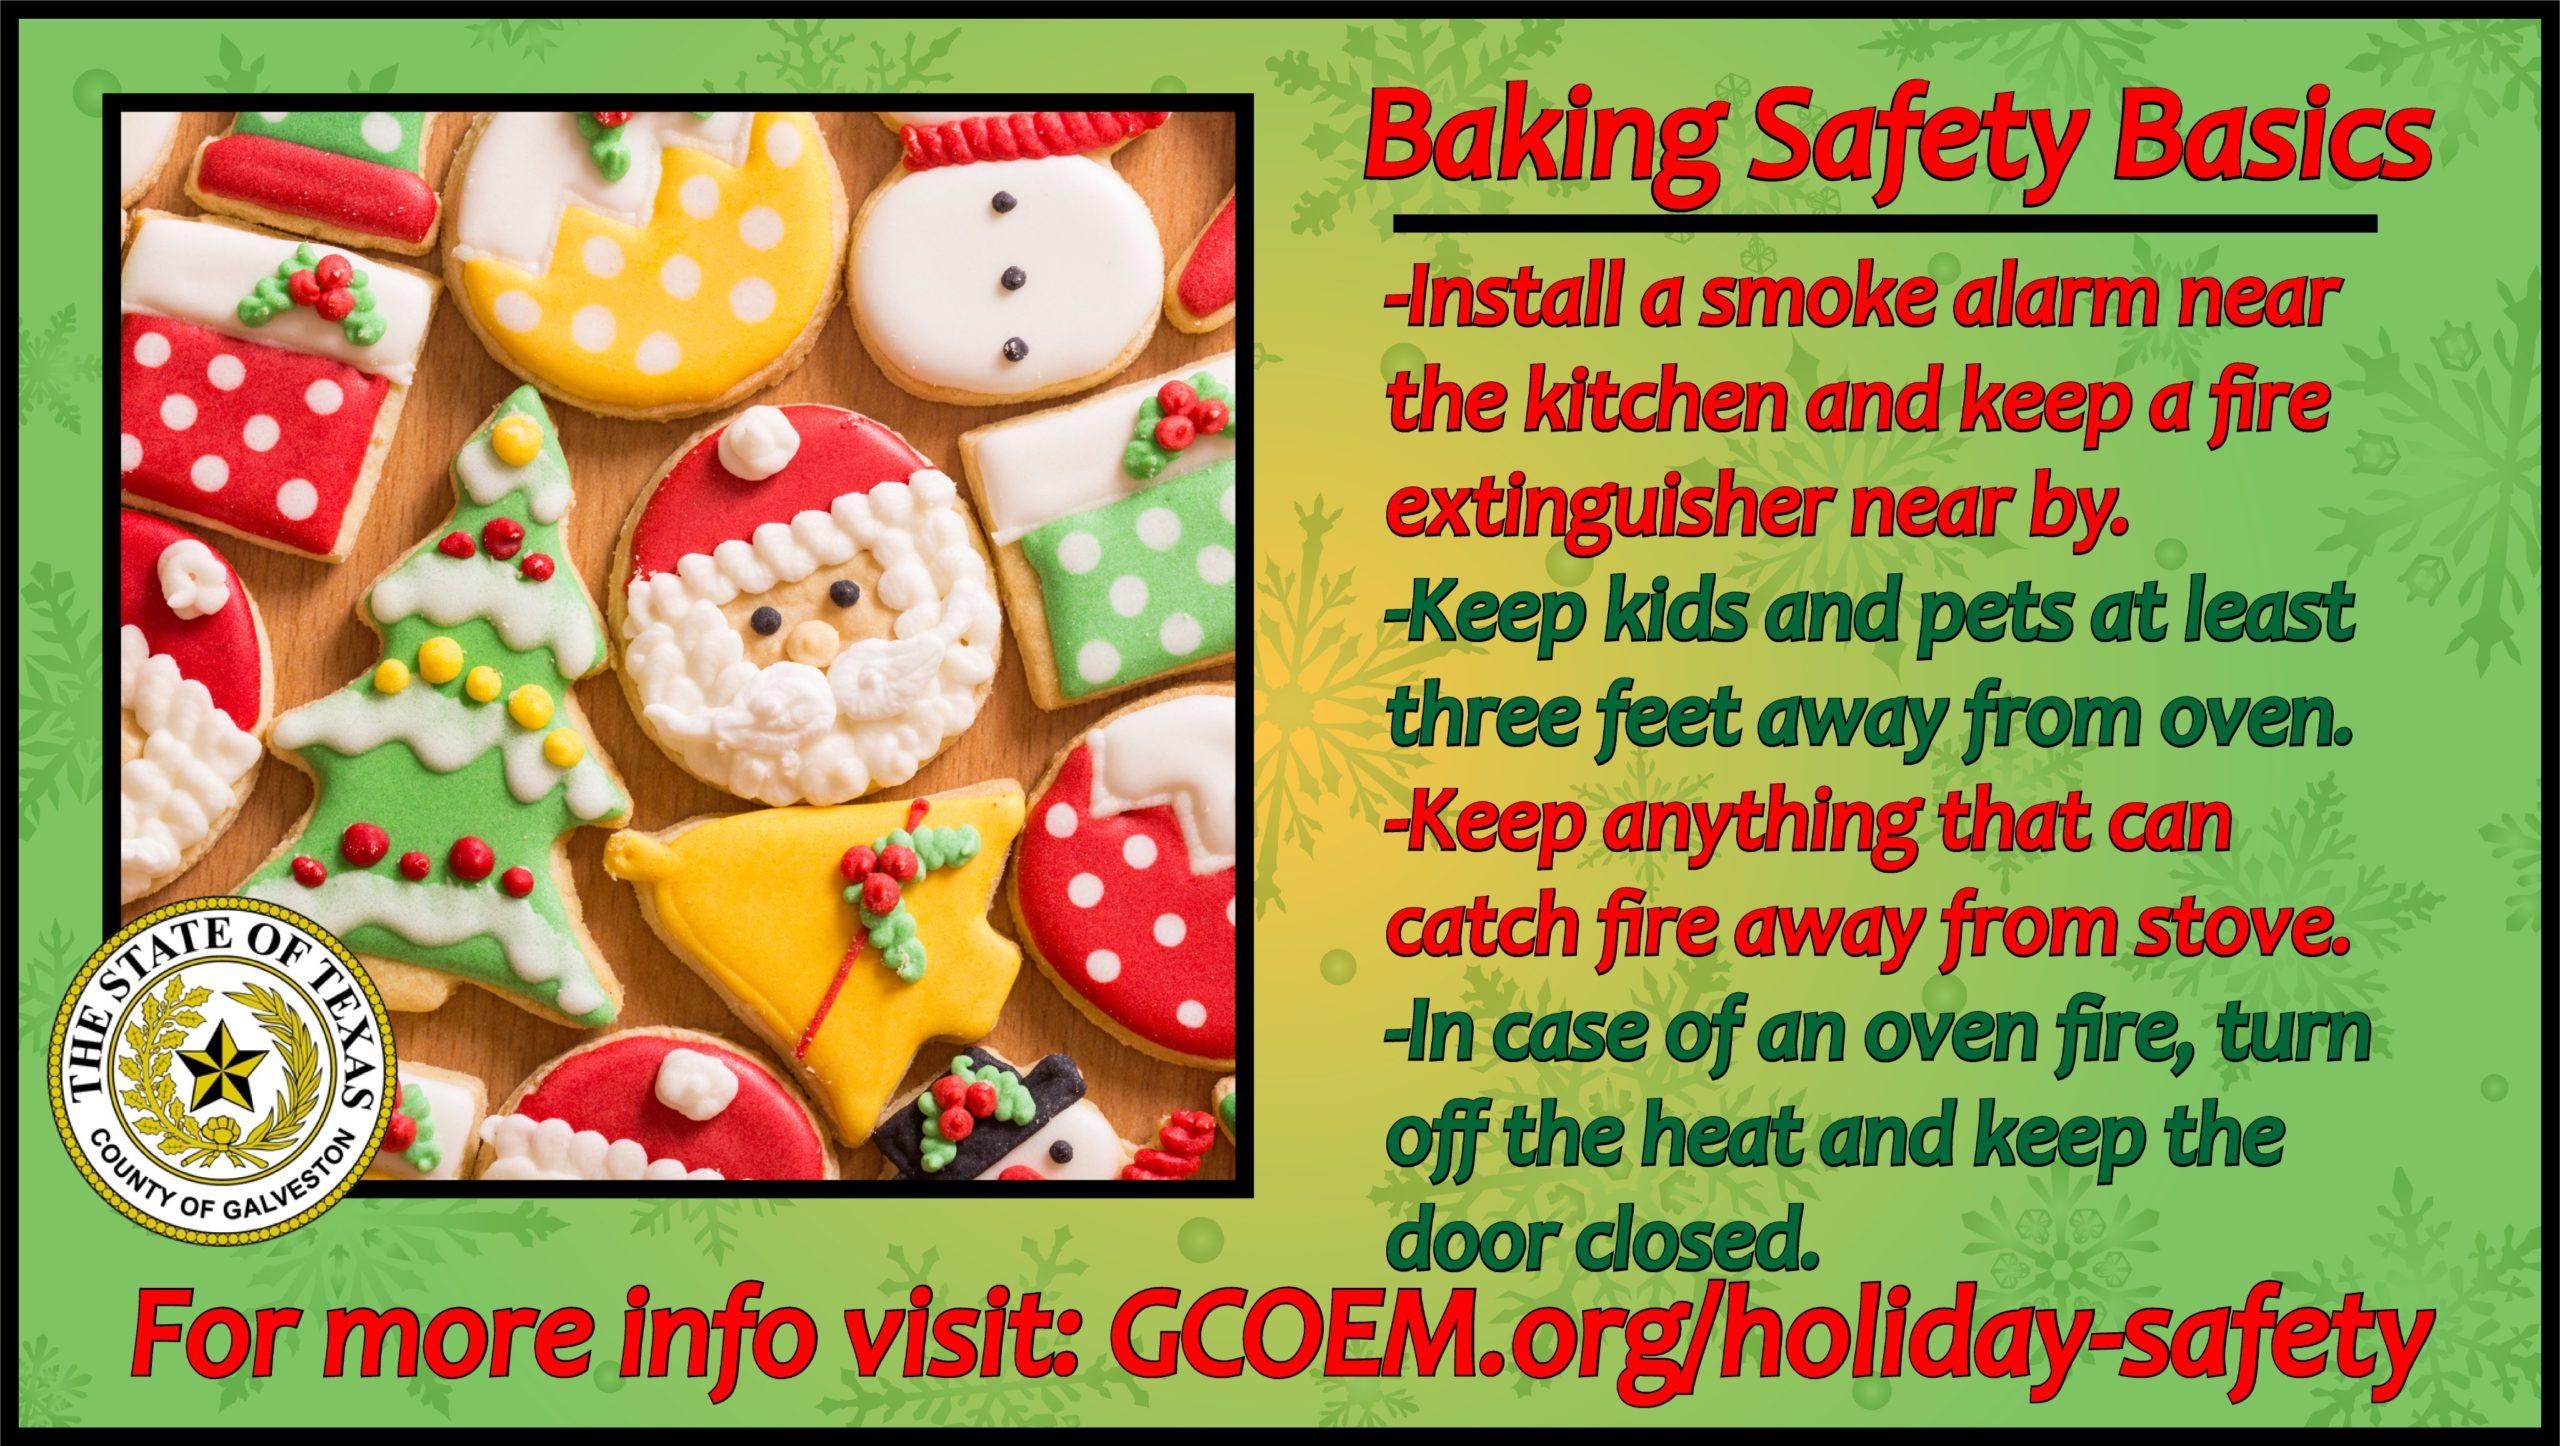 Baking Safety Basics